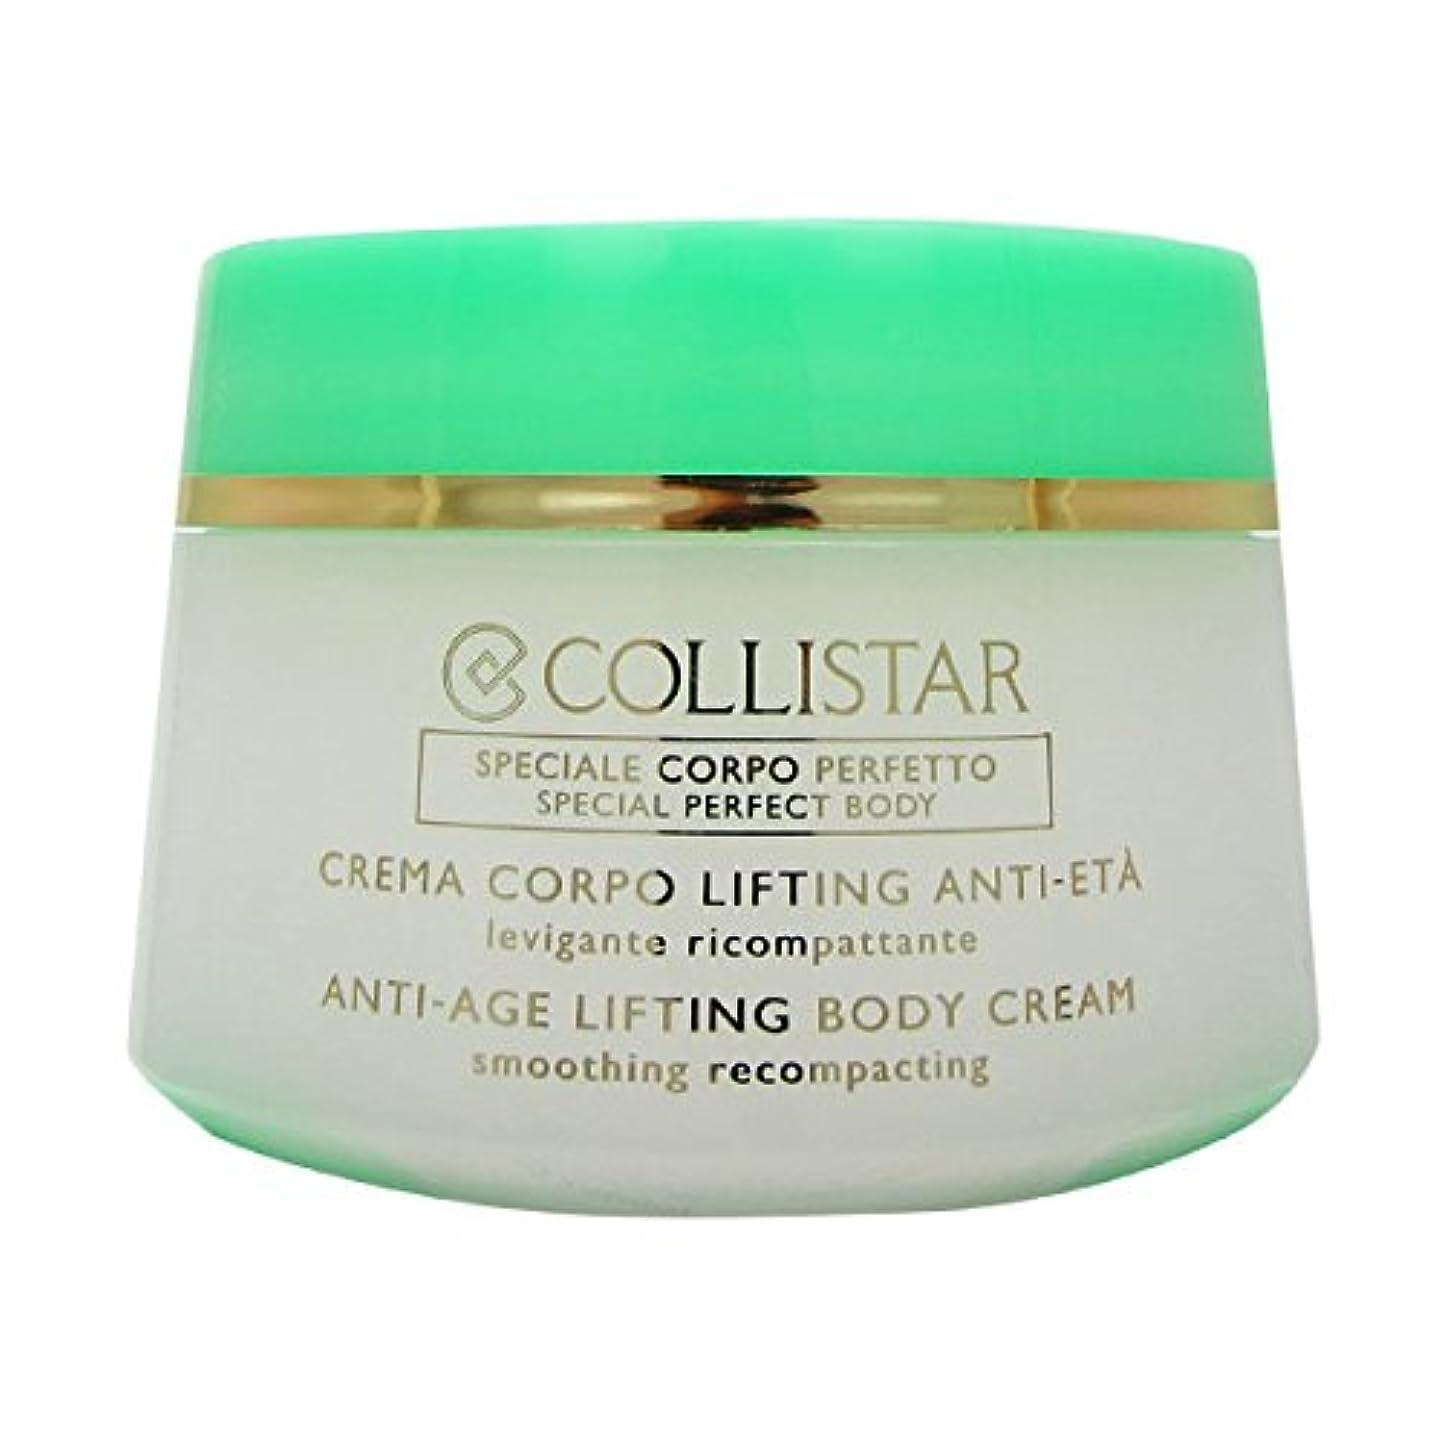 ネズミ前文印象Collistar Anti-age Lifting Body Cream 400ml [並行輸入品]